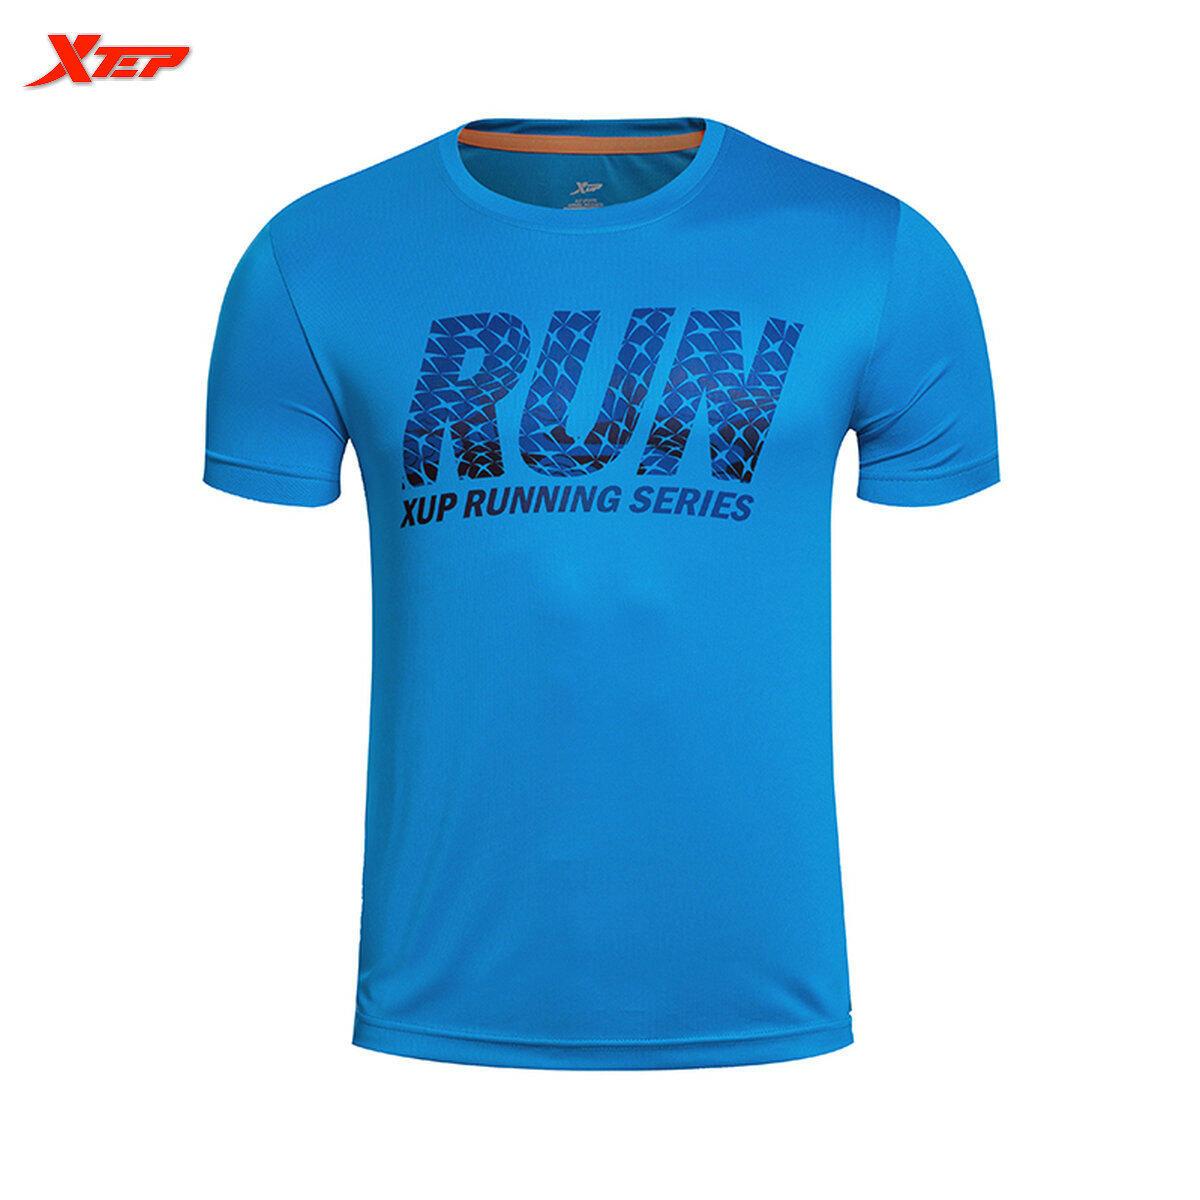 XTEP Merek Luar Lari T-shirt For Pria Puncak Pusat 2016 Musim Panas Olahraga Pria Kemeja Pria Baju Cepat Kering (biru)